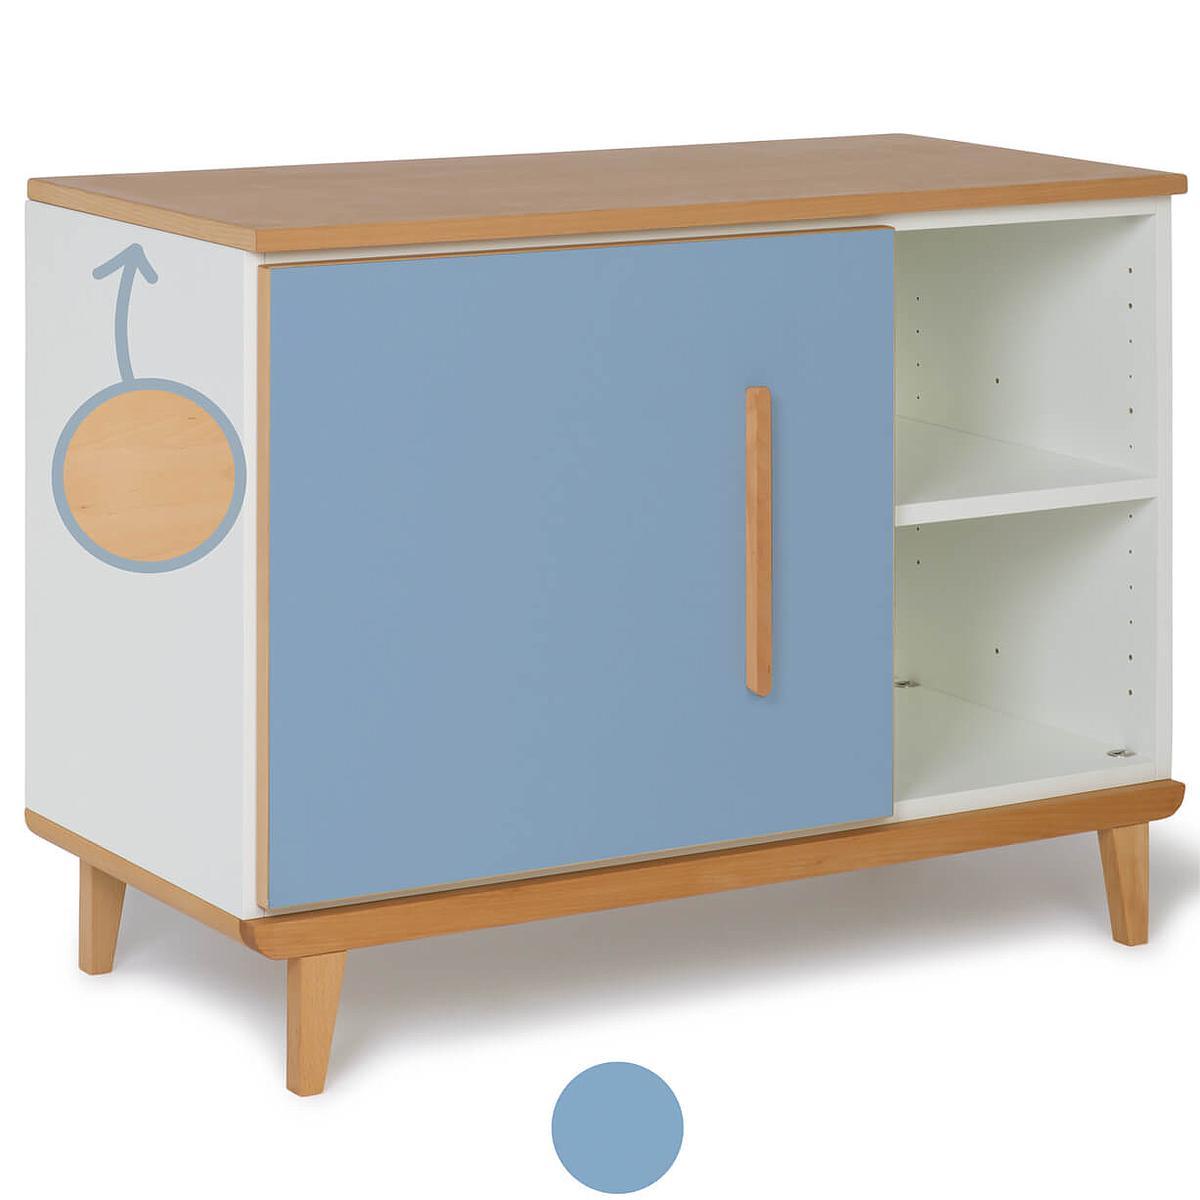 Kleinmöbel 1-türig NADO capri blue